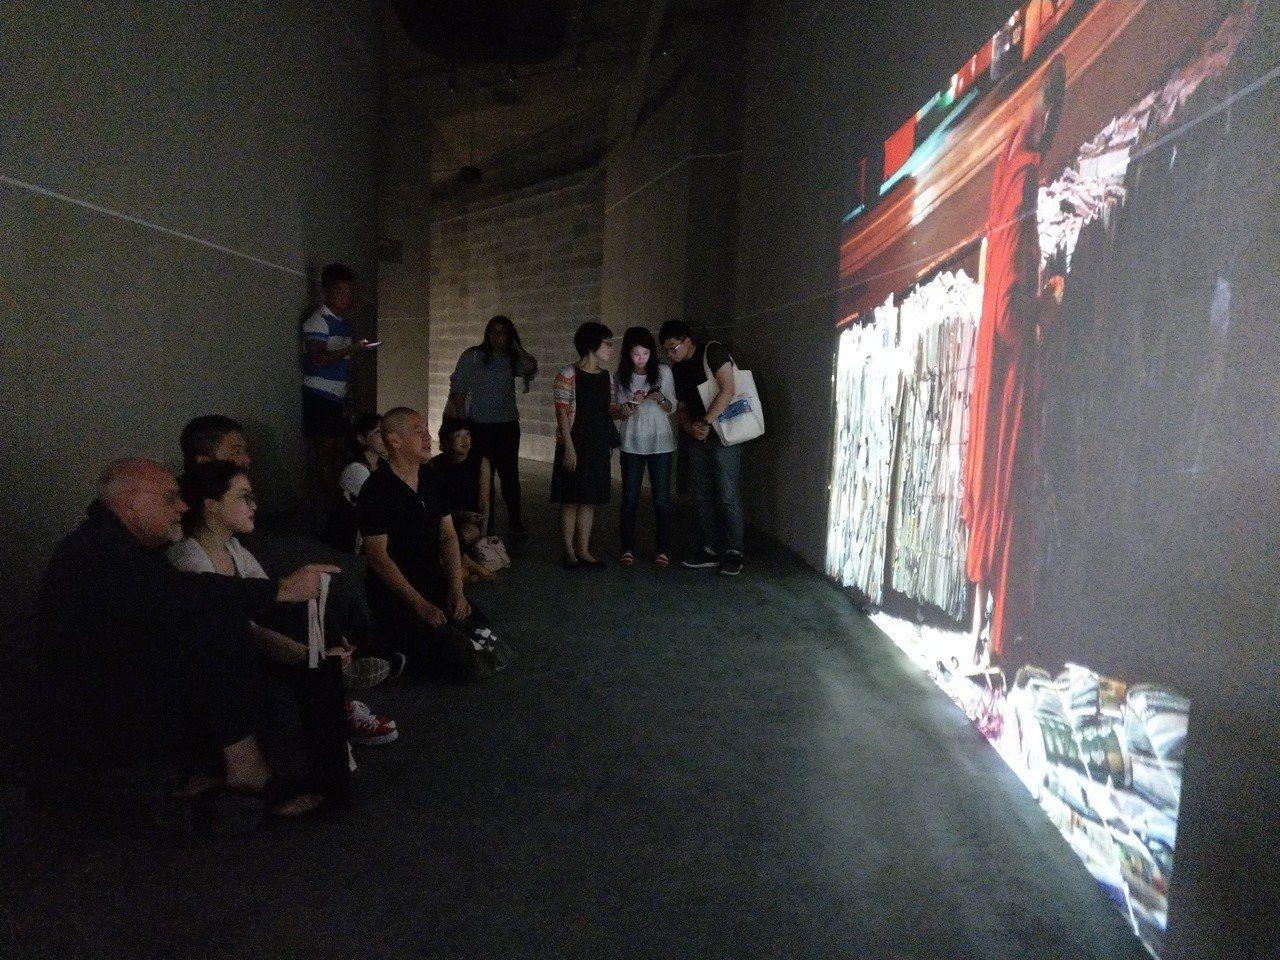 參加台北電影節的國際電影人坐在軟墊上,很放鬆的觀看《行者》系列影片。 記者戴永華...